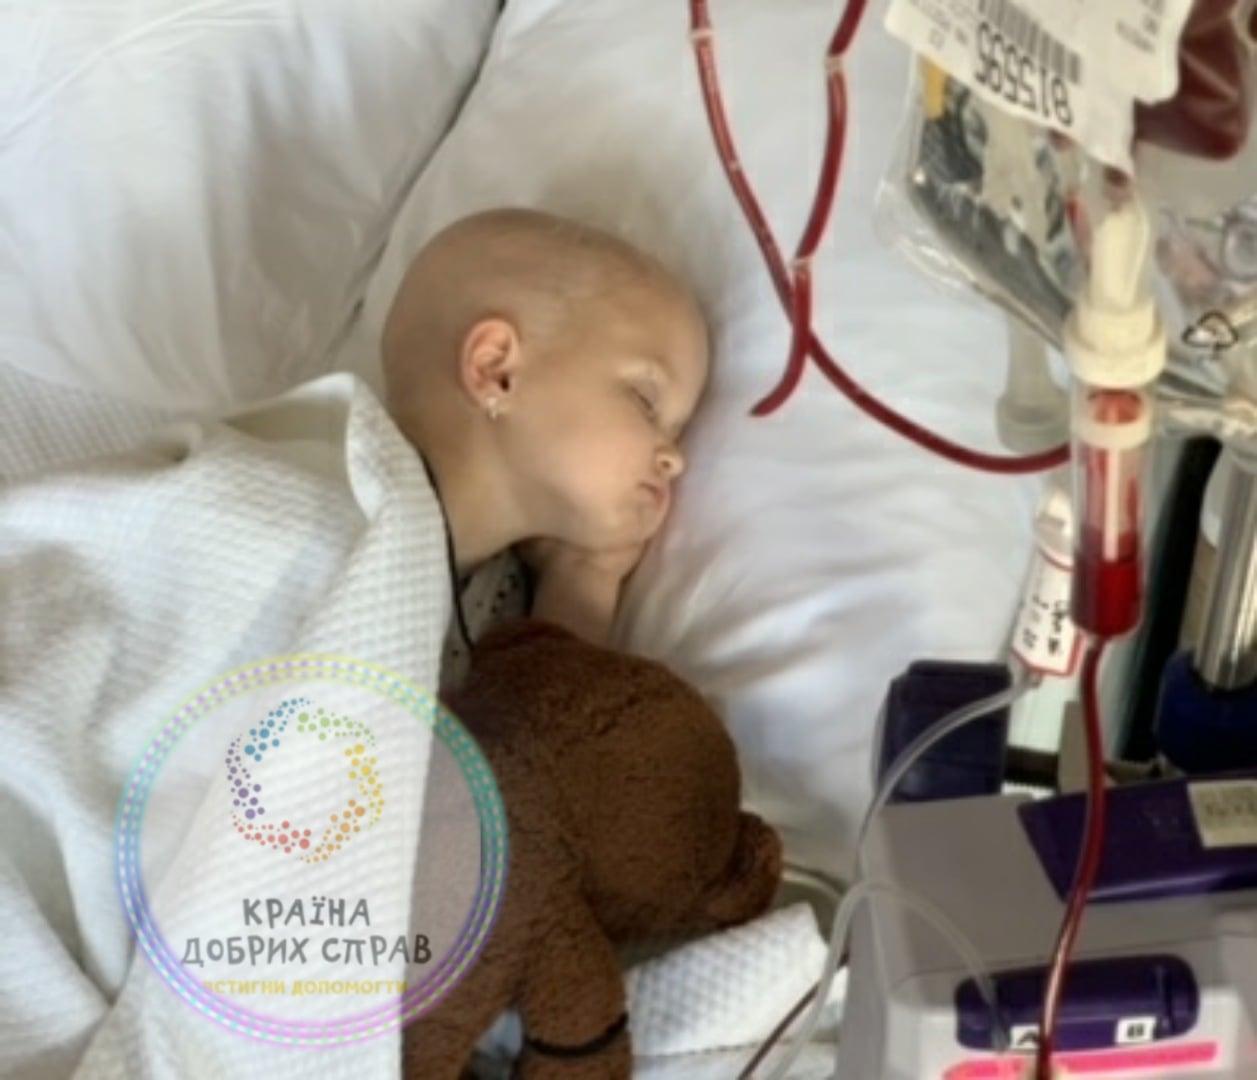 У малышки РЕЦИДИВ. Викуле Кострубовой 4 года. Ее диагноз: нейробластома 4 ст.